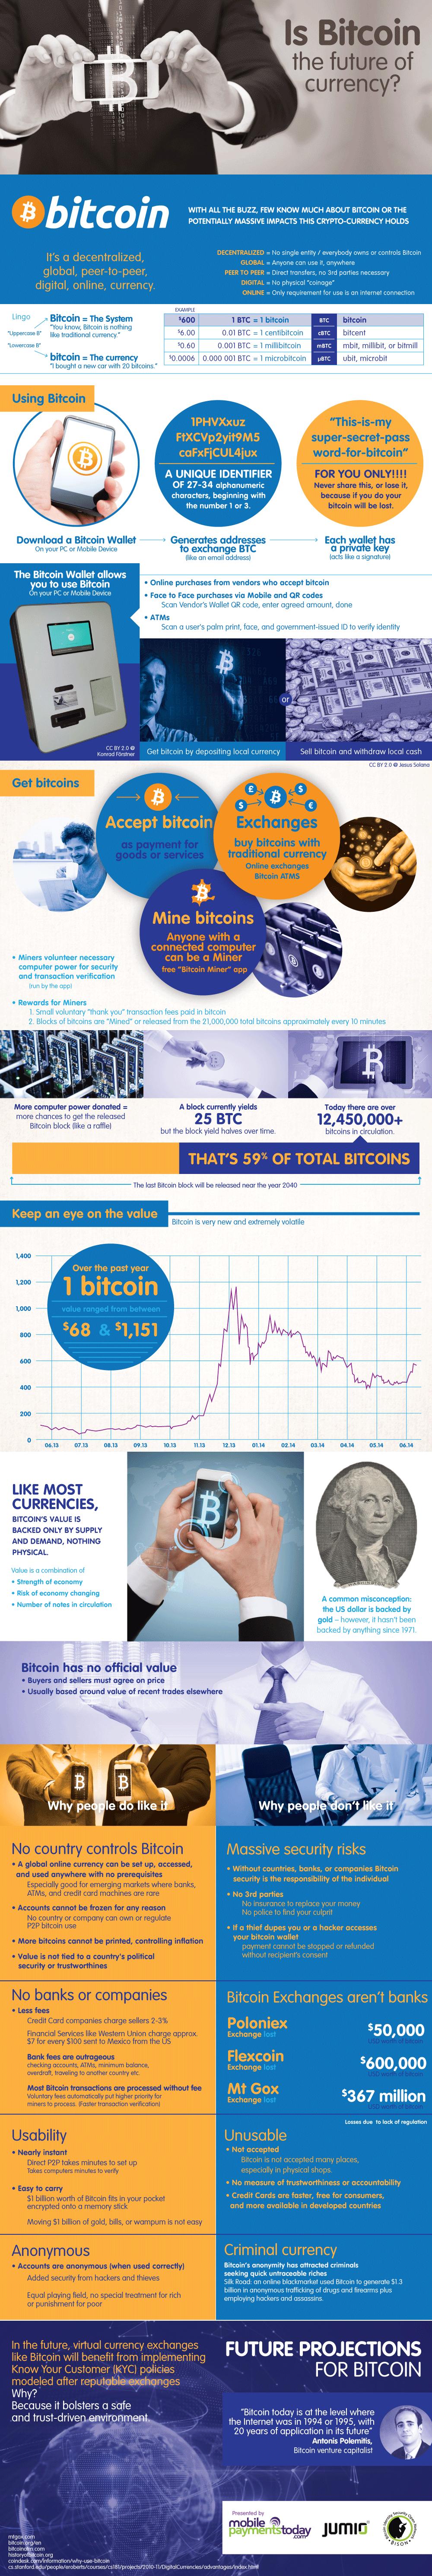 bitcoin-ontwikkelingen en toekomst visie